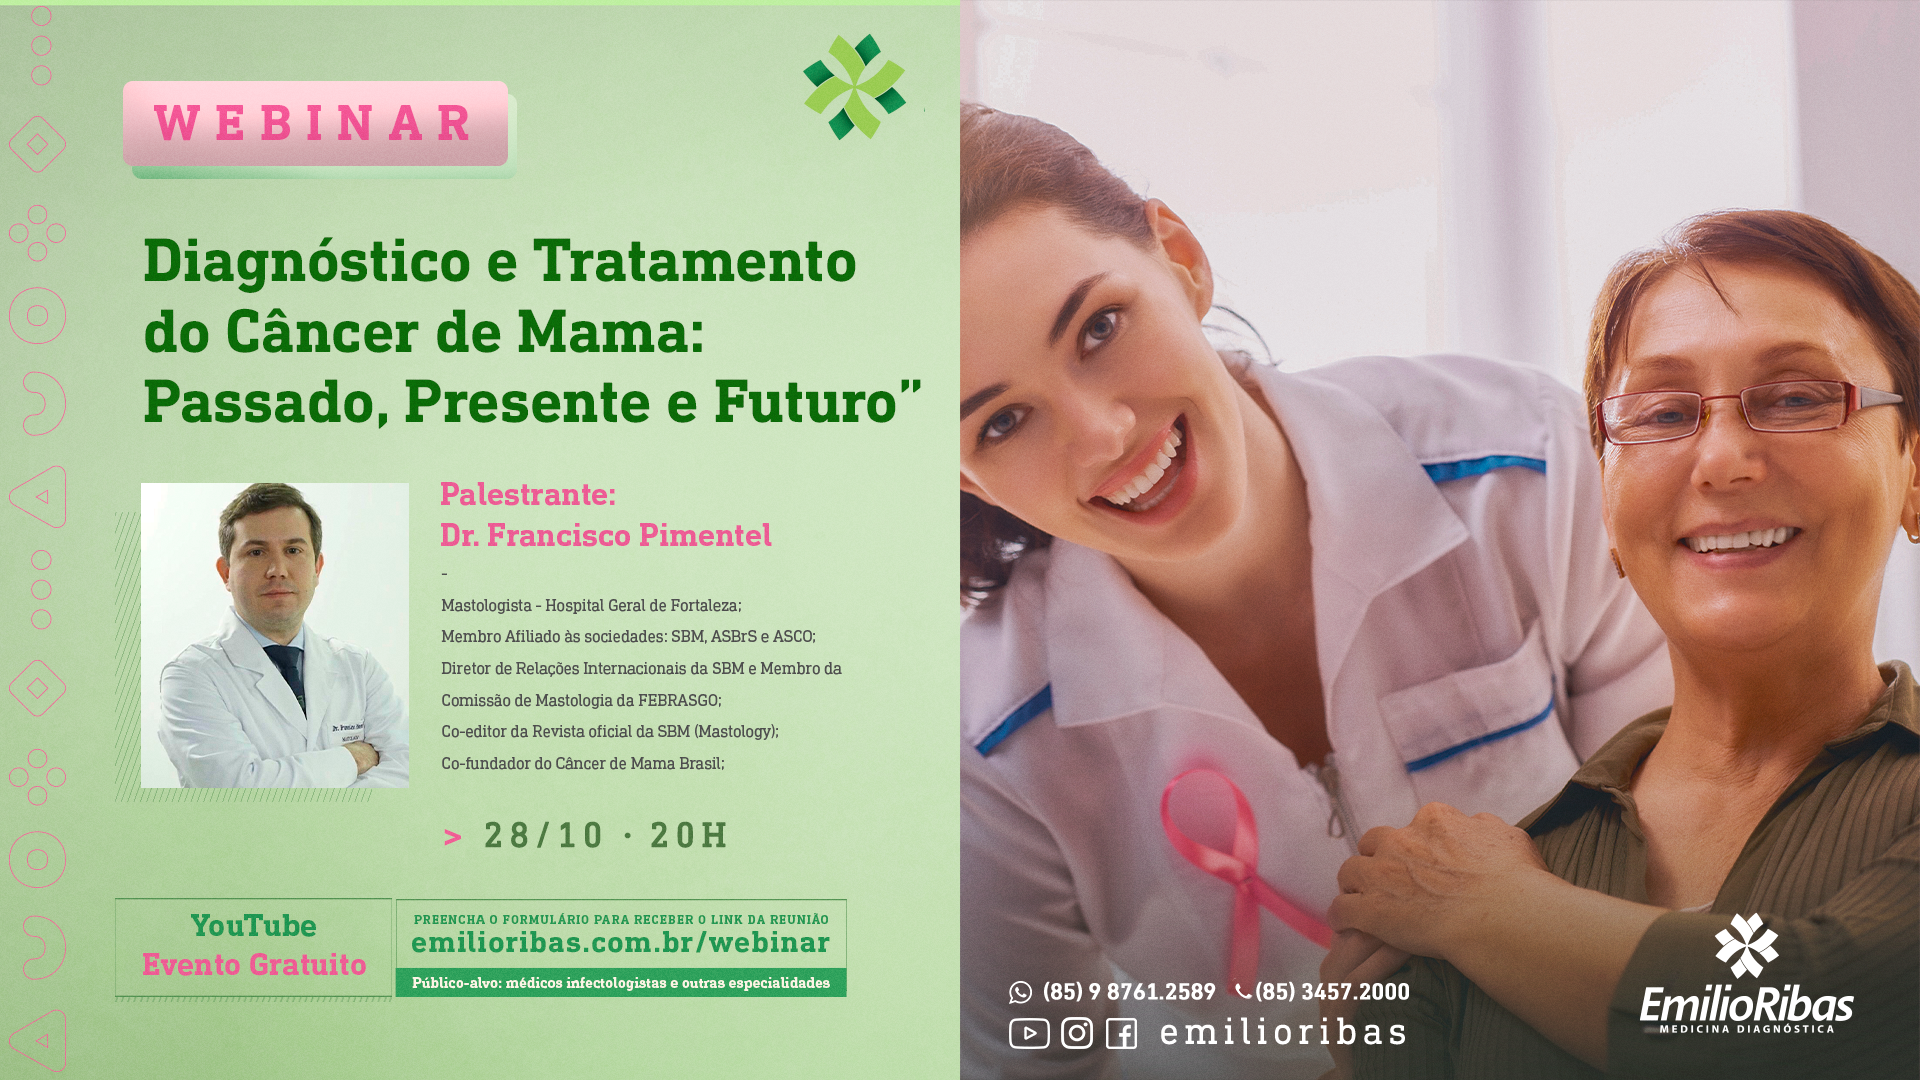 [WEBINAR] Diagnóstico e Tratamento do Câncer de Mama: Passado, Presente e Futuro